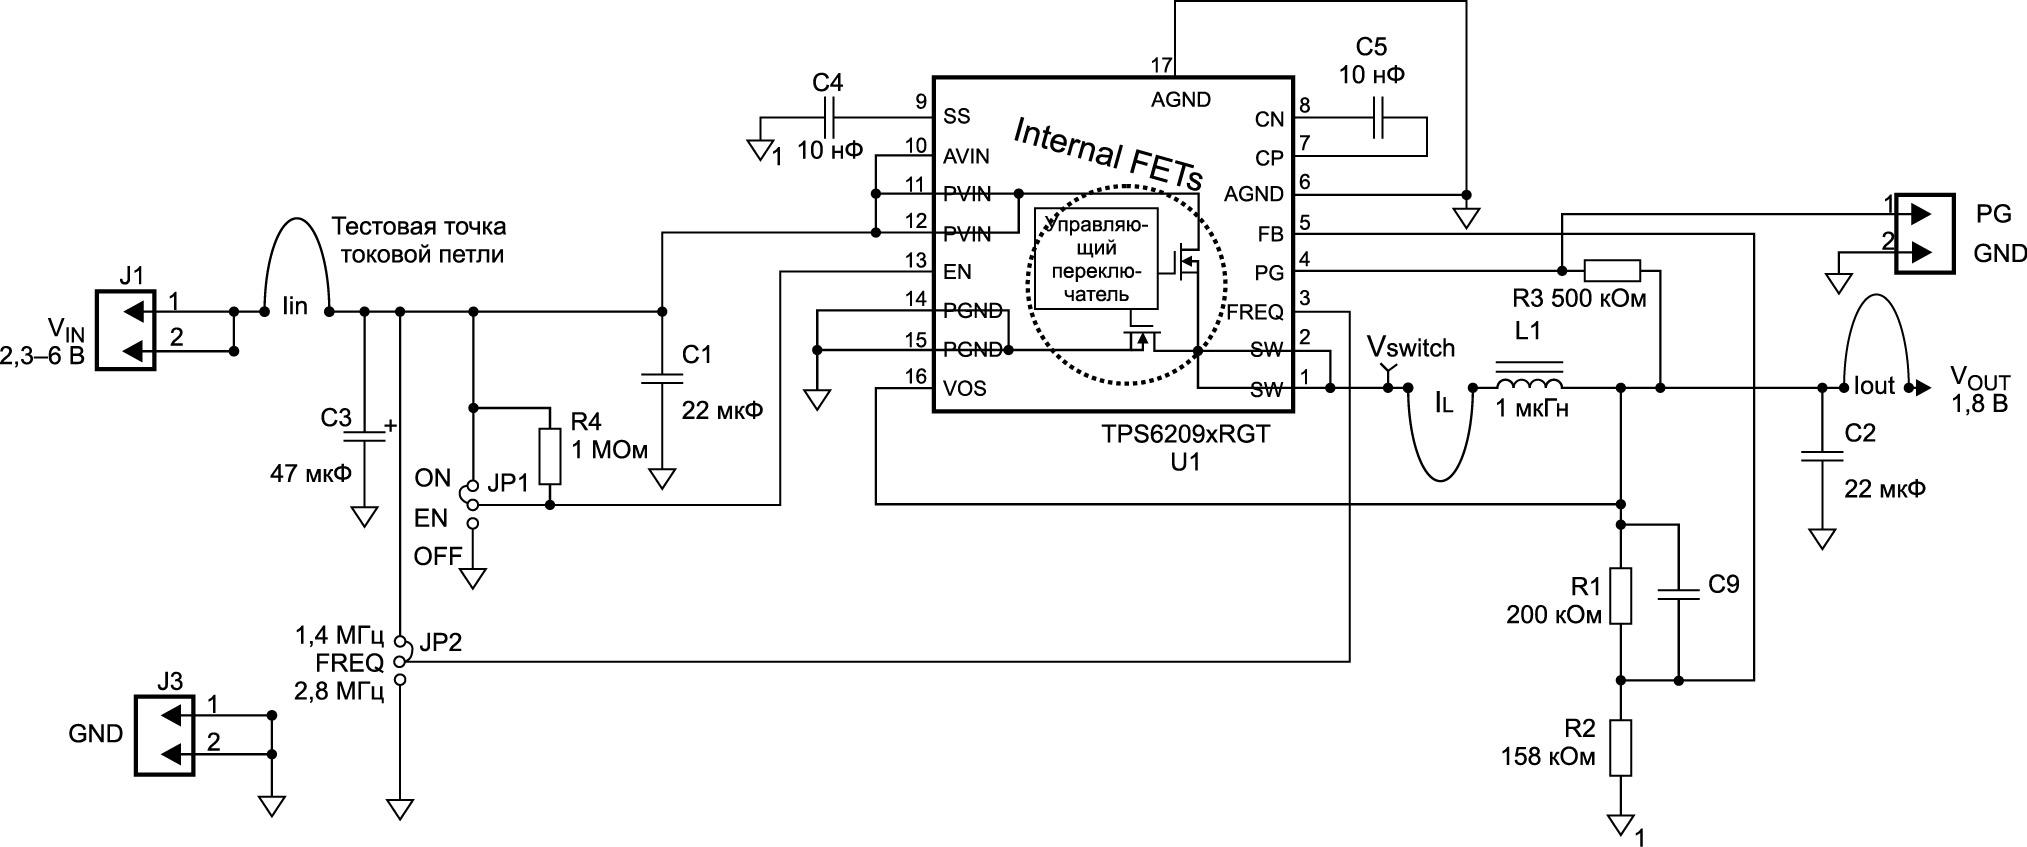 Упрощенная схема модуля TPS62090 EVM с указанием добавленных контрольных точек для измерения тока и напряжения